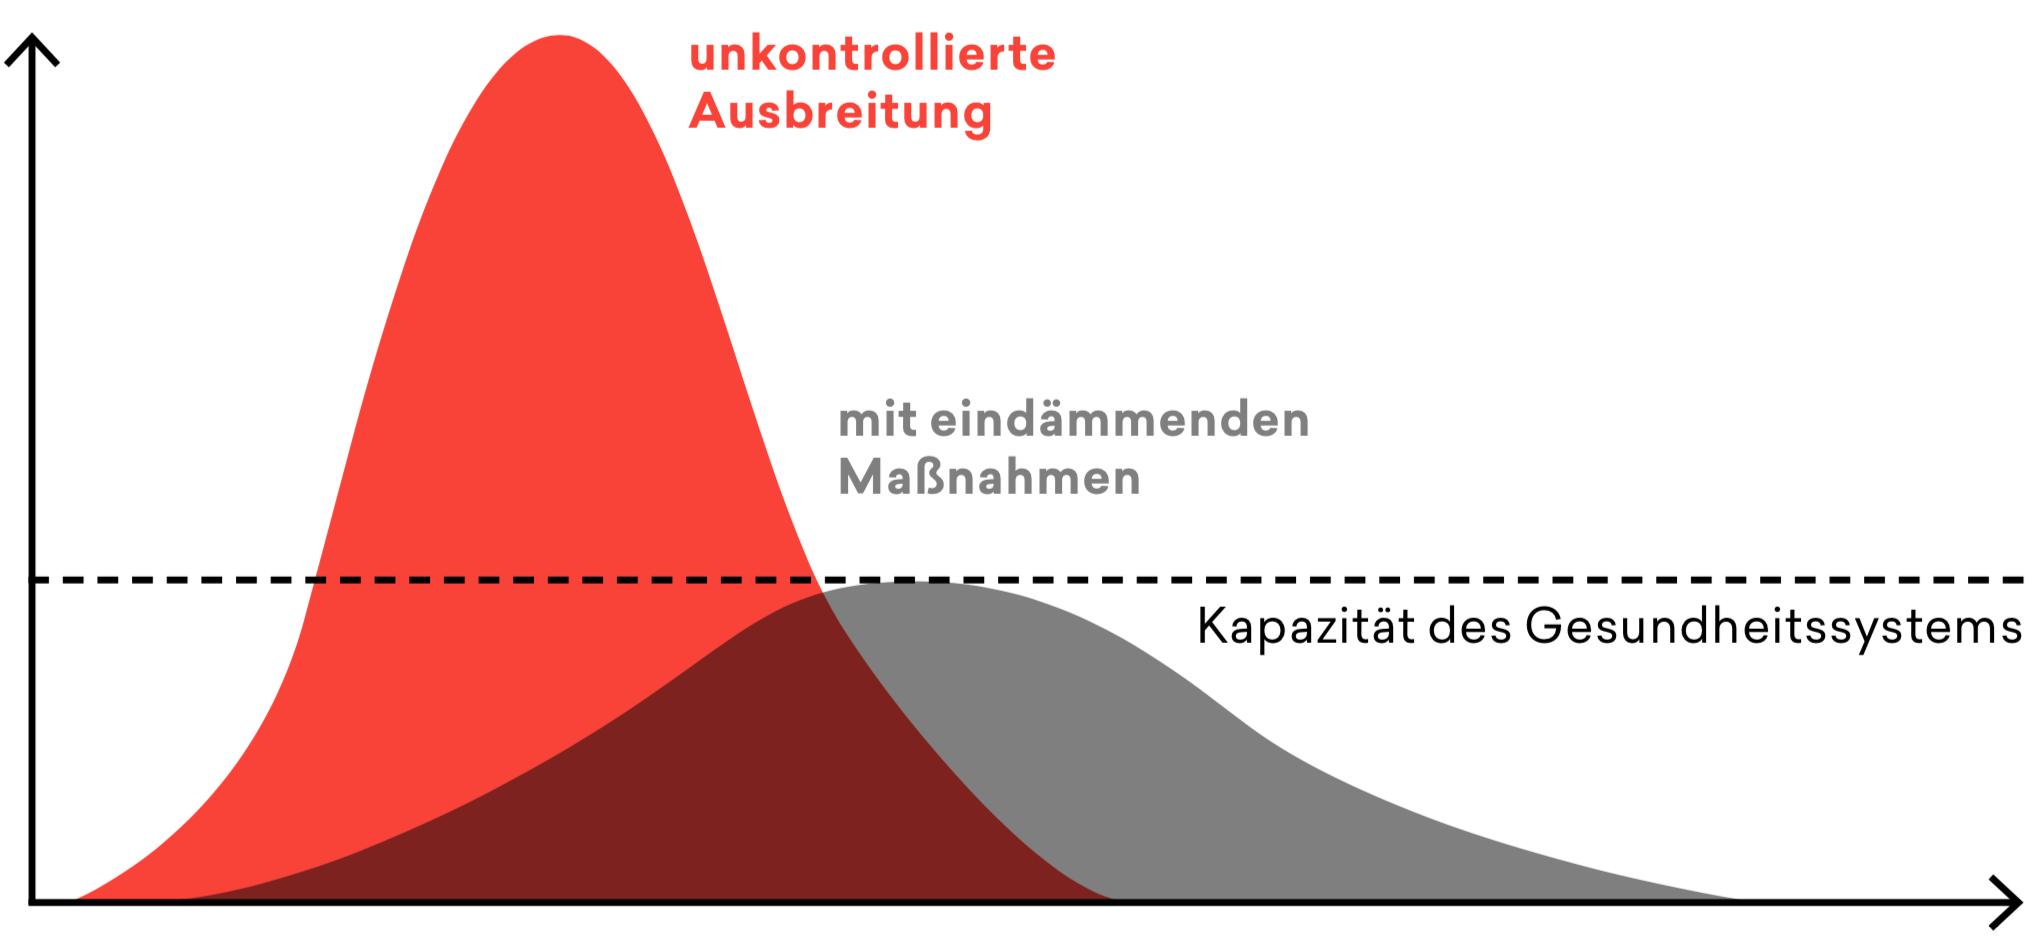 COVID-19-Diagramm - Ausbreitung und Massnahmen